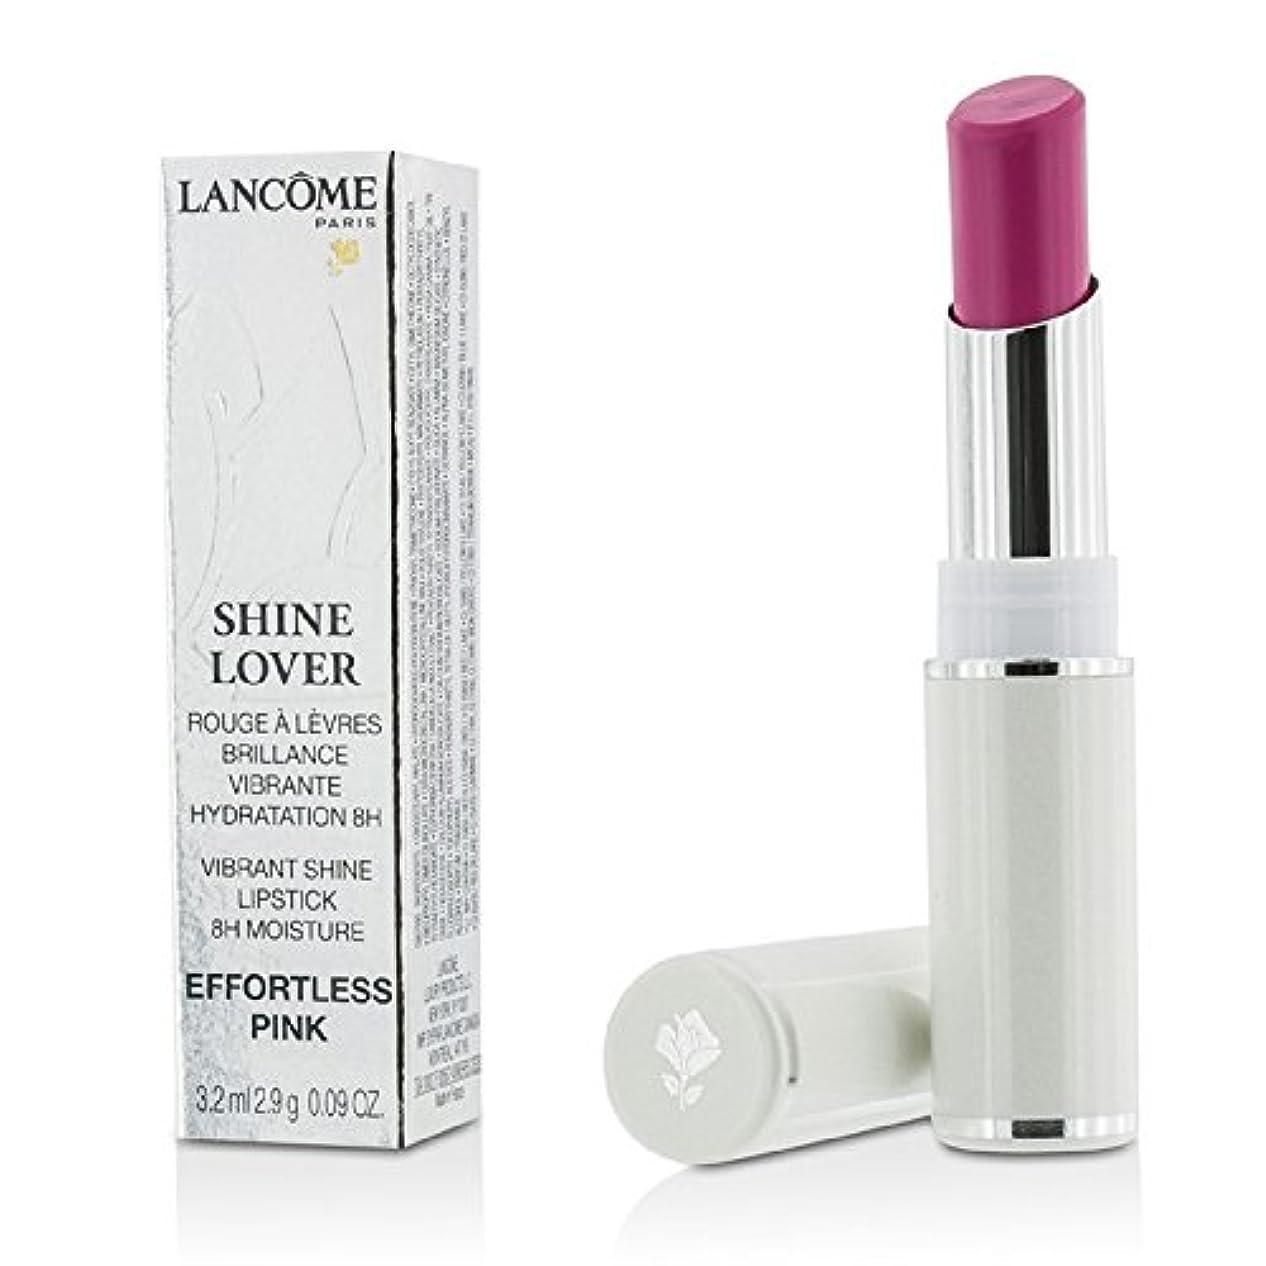 かき混ぜる動かない召喚するランコム Shine Lover - # 323 Effortless Pink 3.2ml/0.09oz並行輸入品